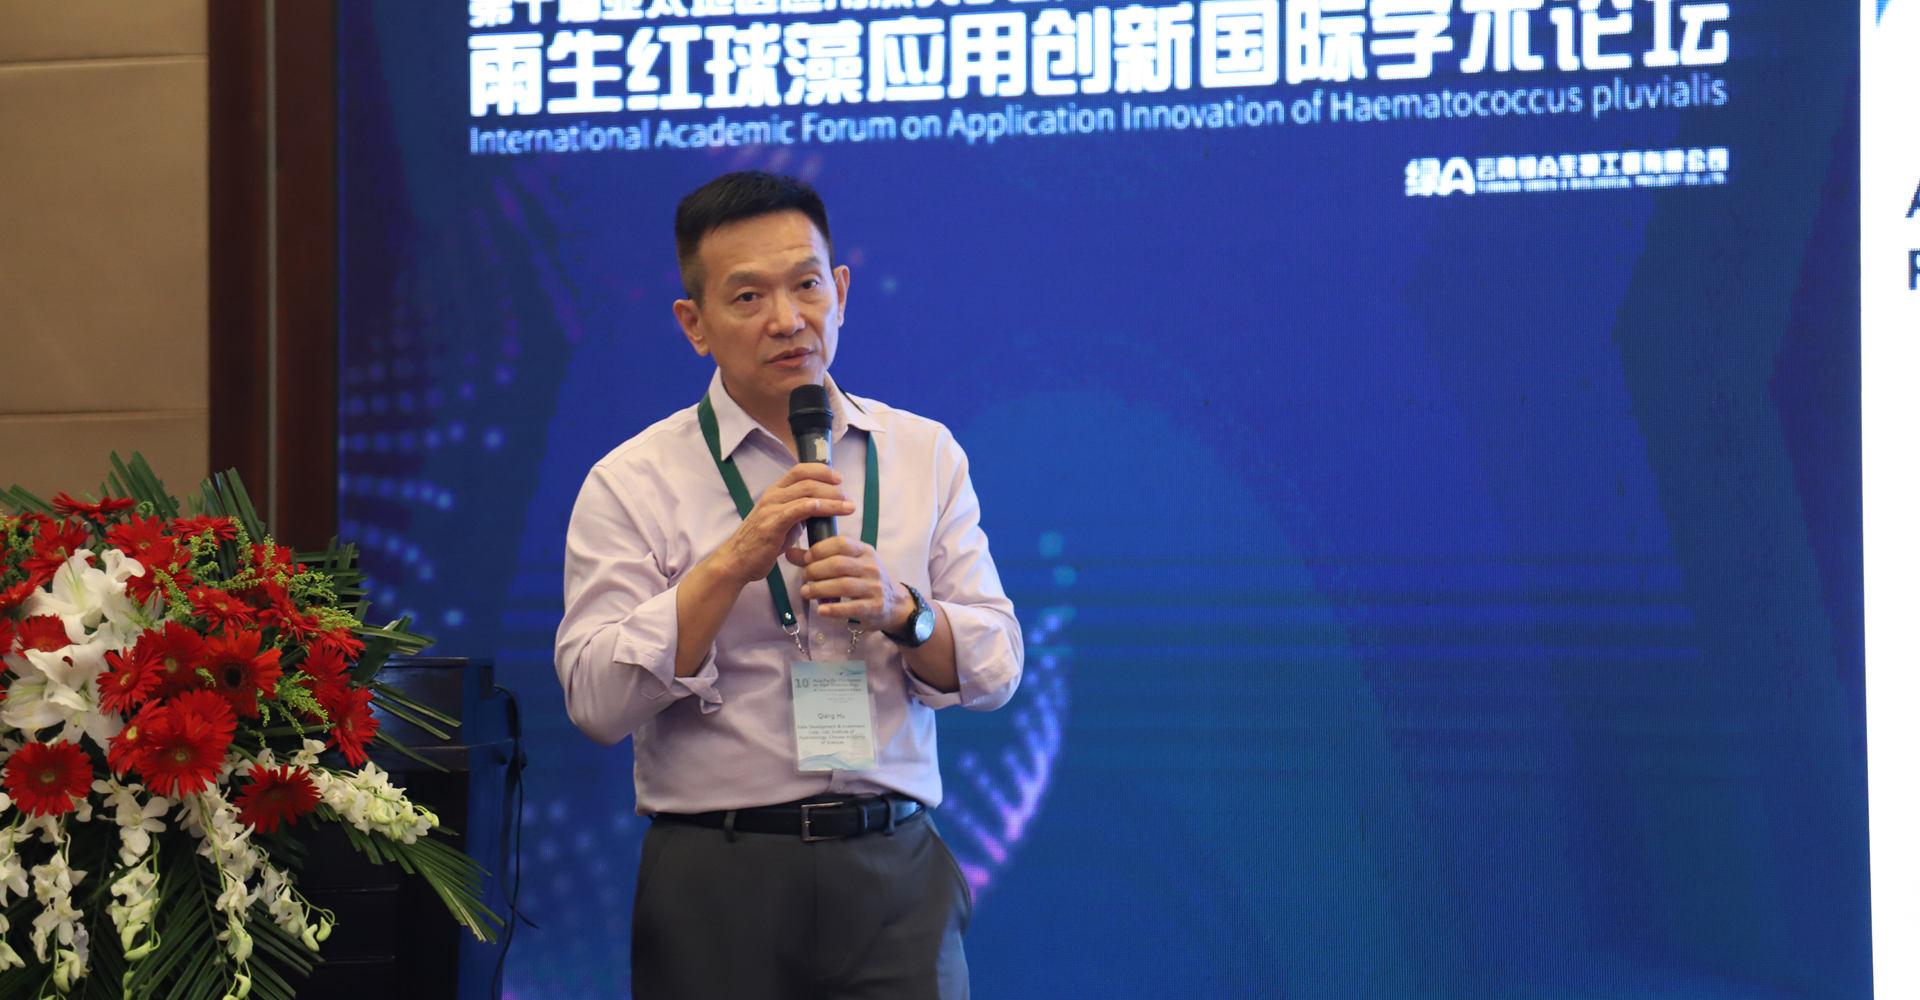 中科院水生所微藻生物技术与生物能源研发中心主任胡强教授发表报告